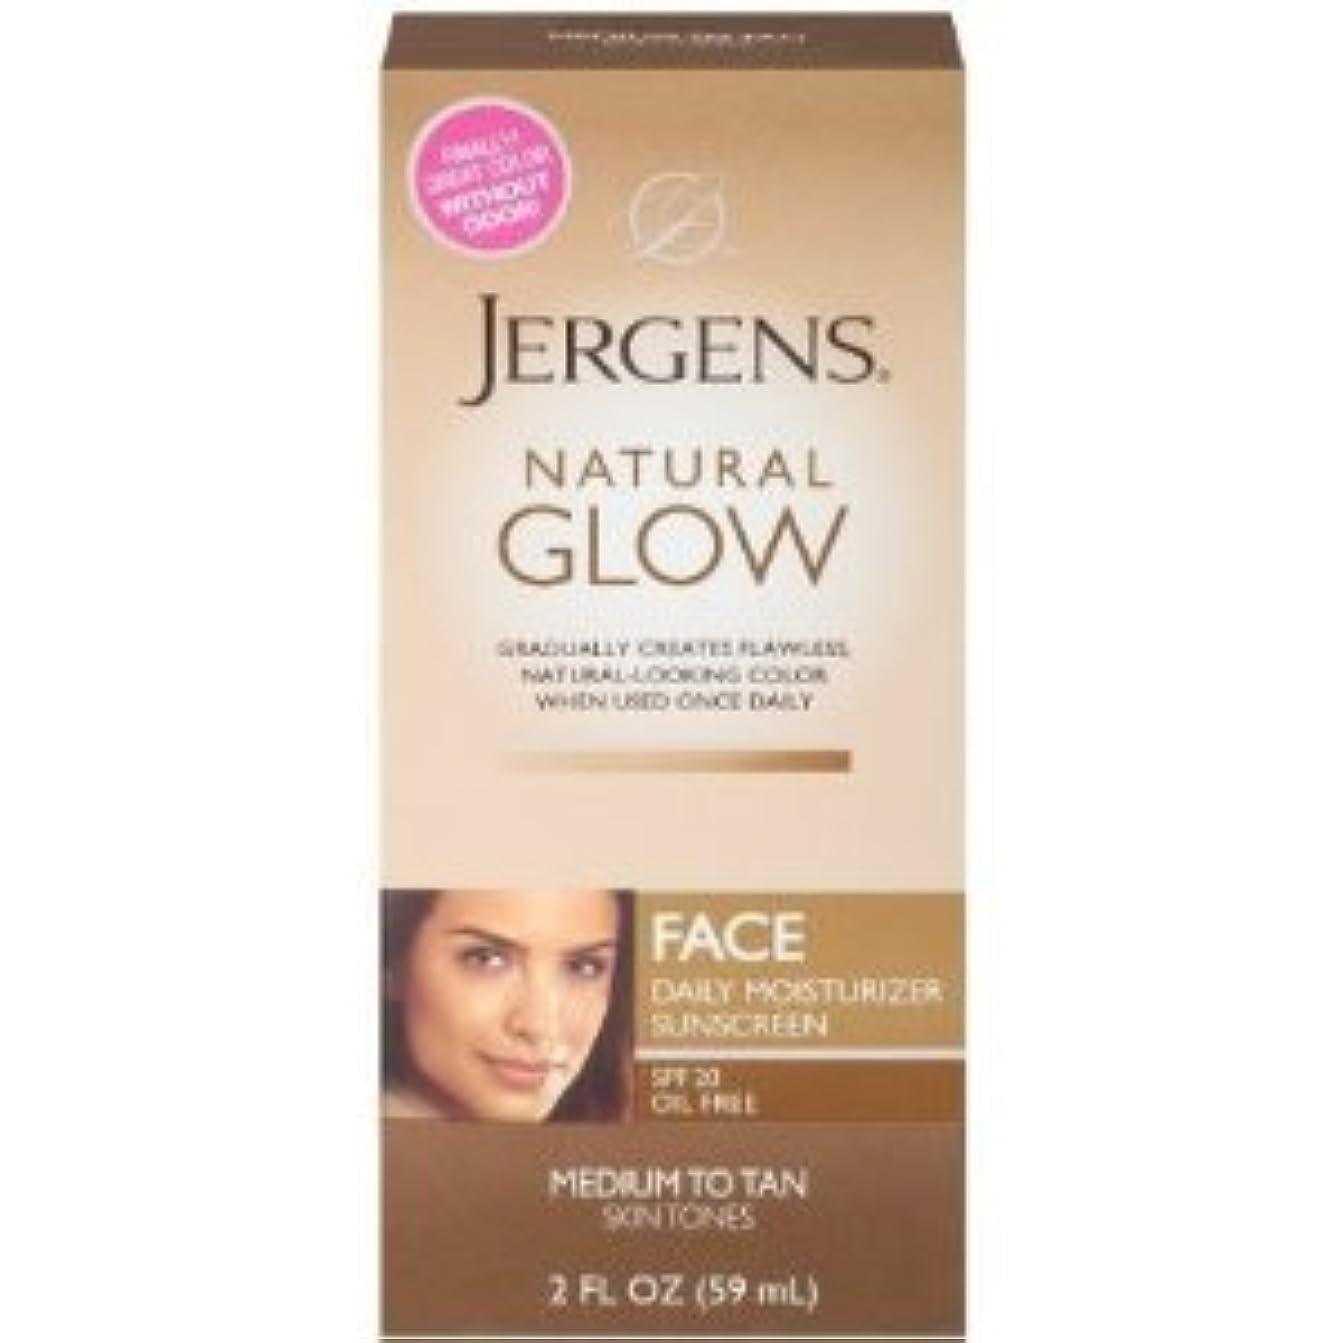 感度肩をすくめる反乱Natural Glow Healthy Complexion Daily Facial Moisturizer, SPF 20, Medium to Tan, (59ml) (海外直送品)